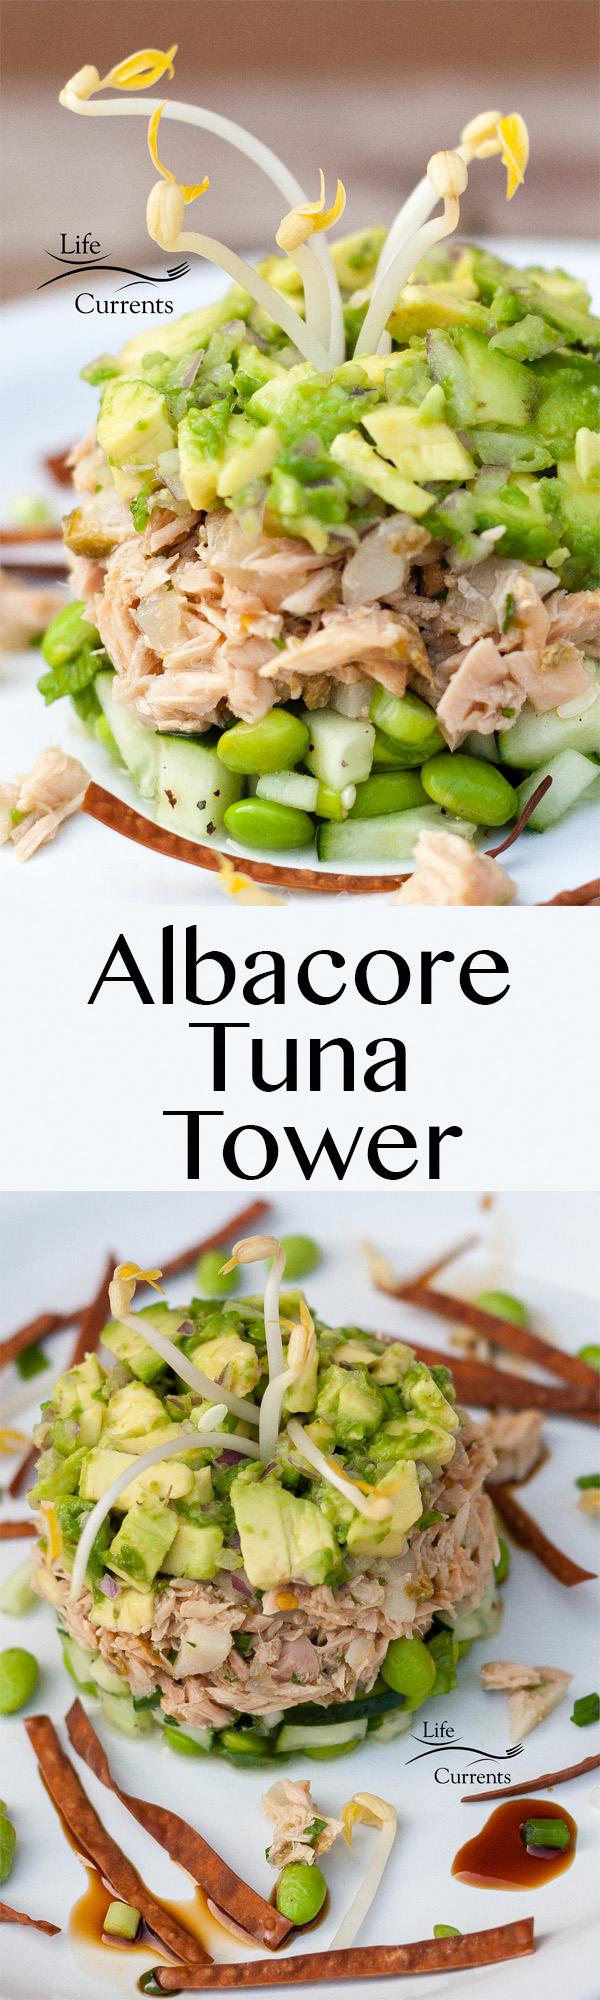 Island Trollers Albacore Tuna Tower Recipe - a beautiful and impressive appetizer